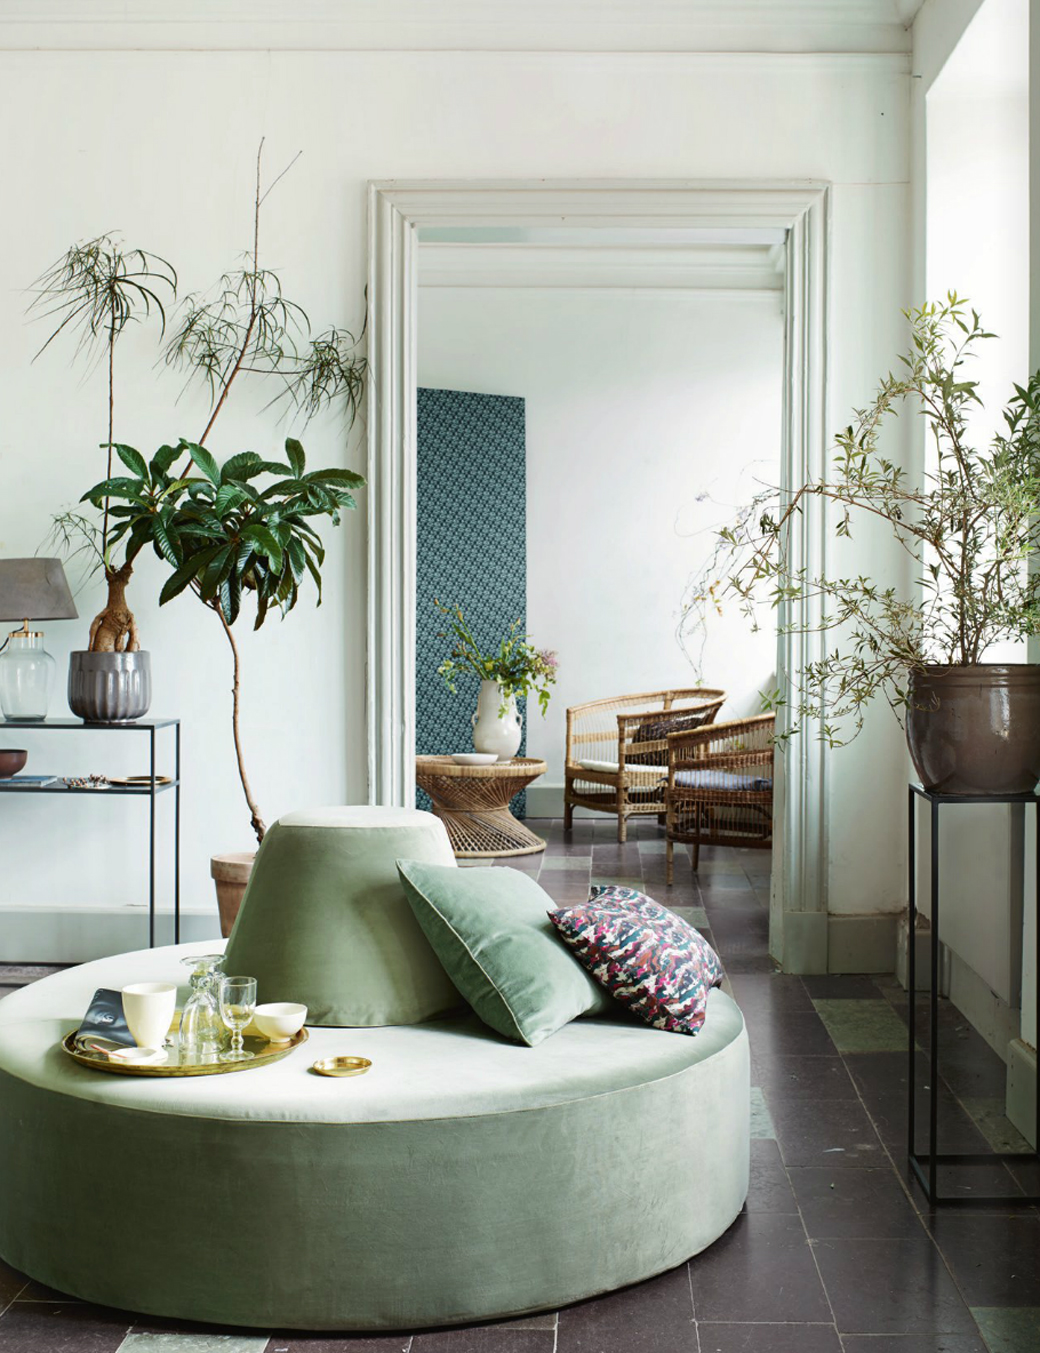 Scandinavian Interiors 10 scandinavian interiors trends fall/winter 2016 — decor8